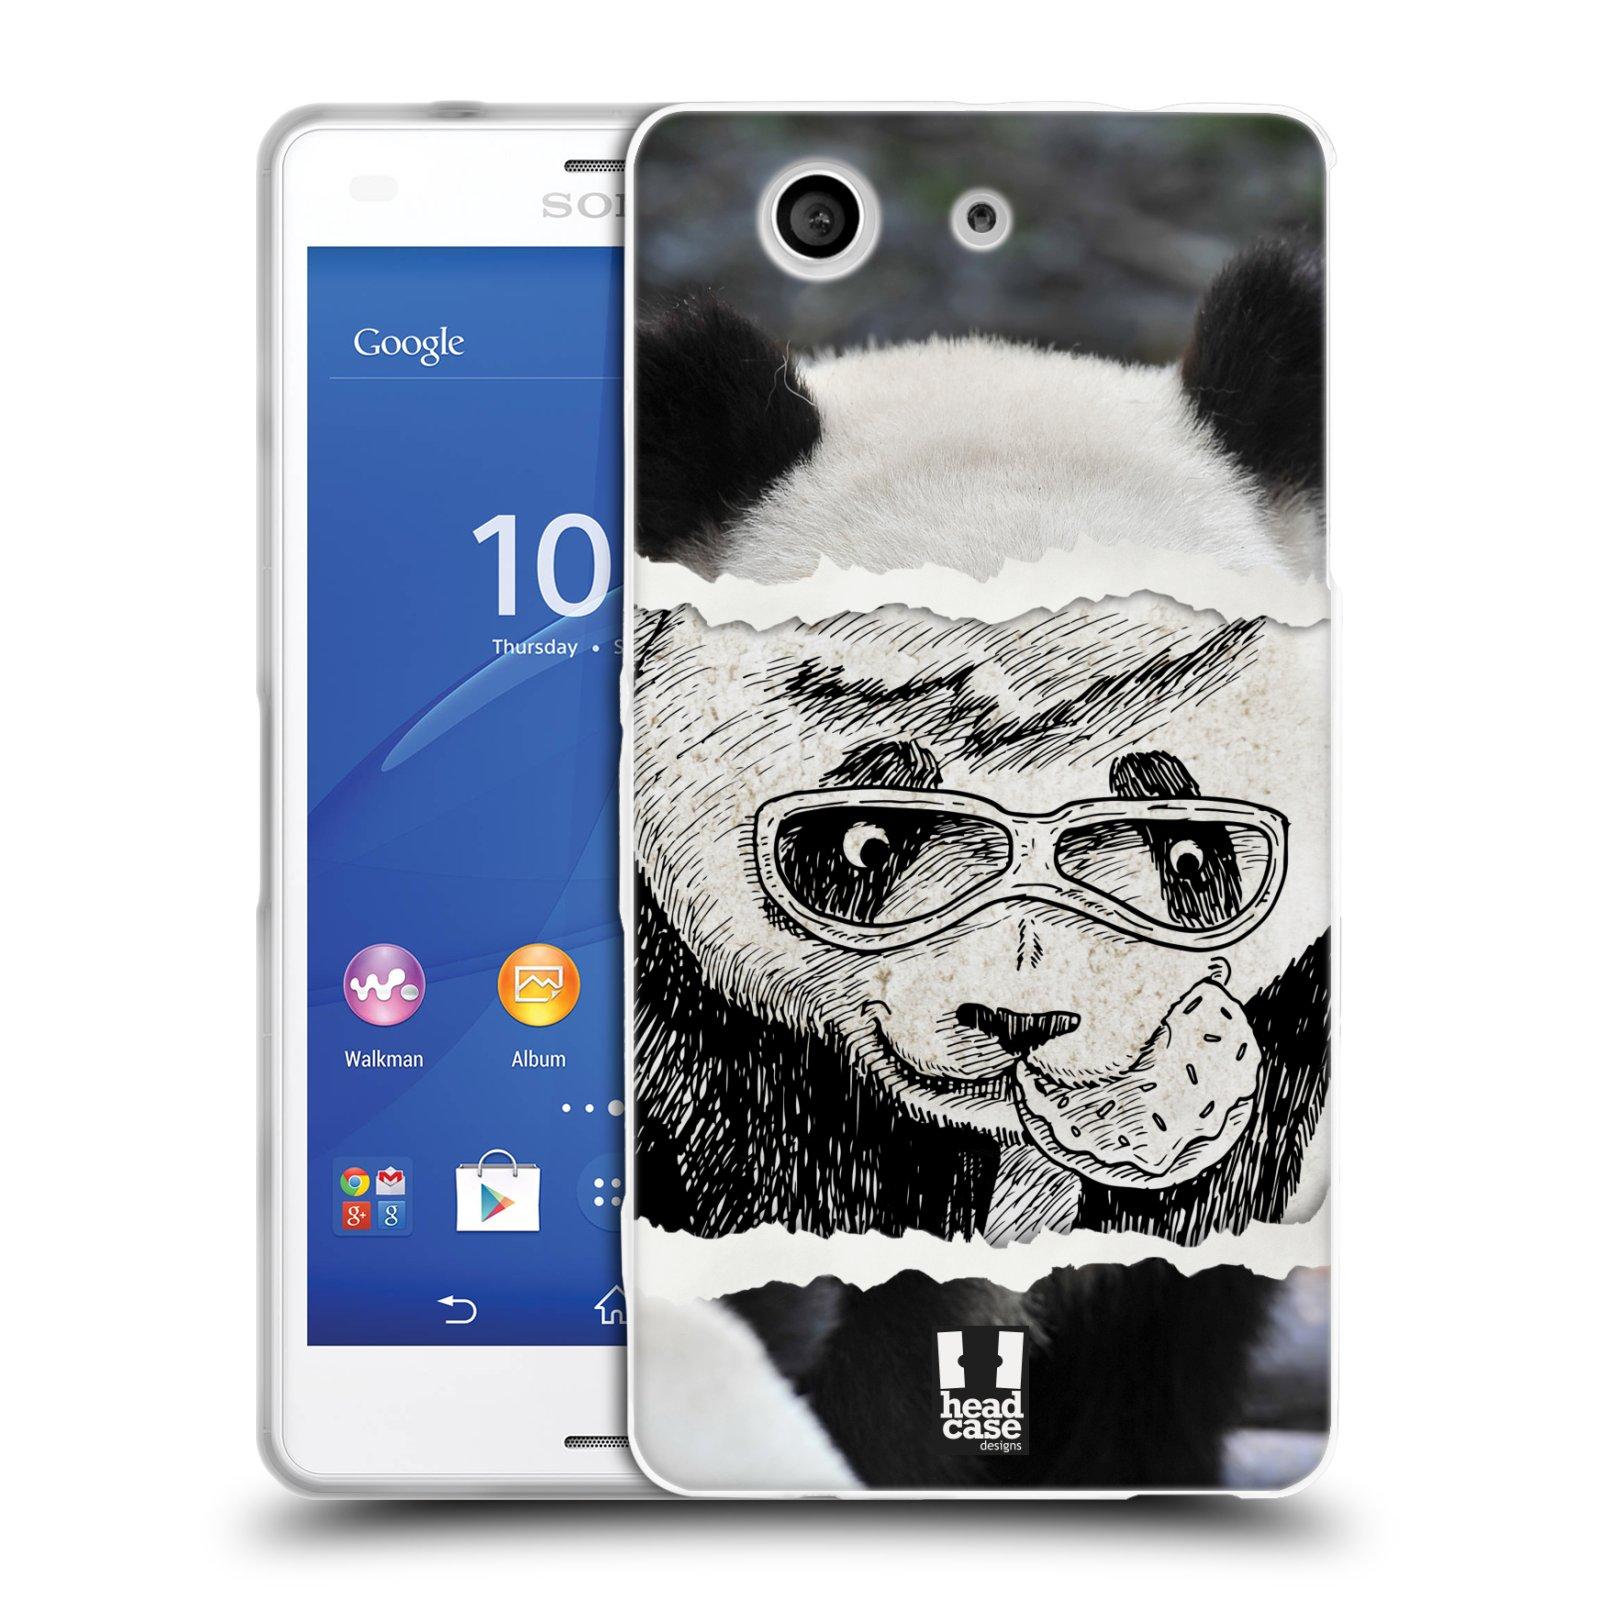 HEAD CASE silikonový obal na mobil Sony Xperia Z3 COMPACT (D5803) vzor zvířata koláž roztomilá panda